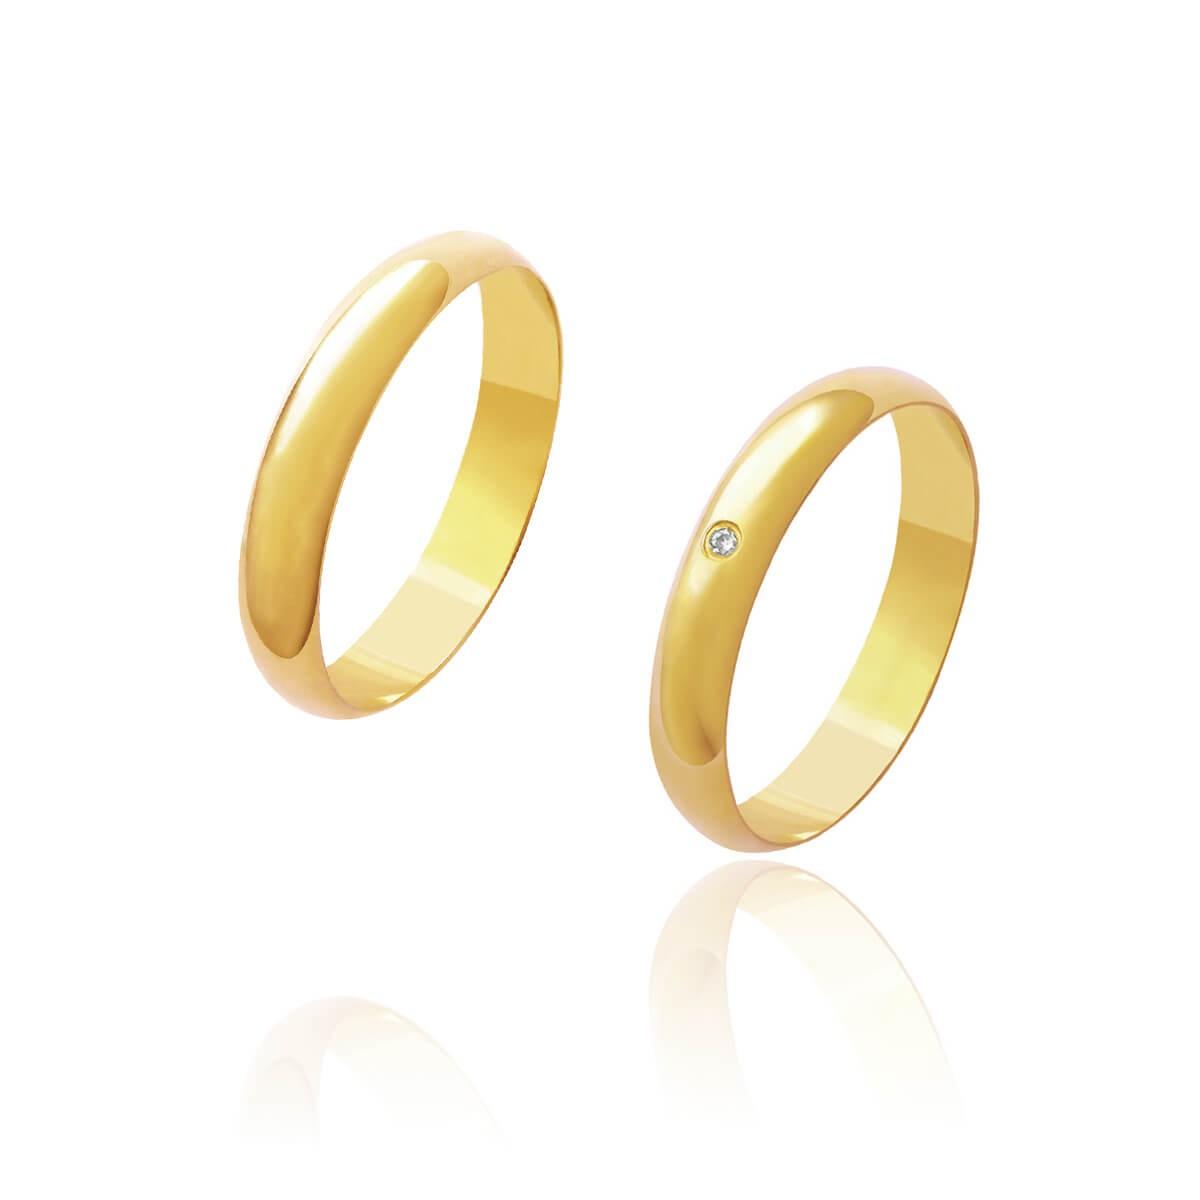 Par de Alianças de Casamento Afrodite Ouro 18k Abaulado com Brilhante Zircönia Central 3,5 mm 4 g